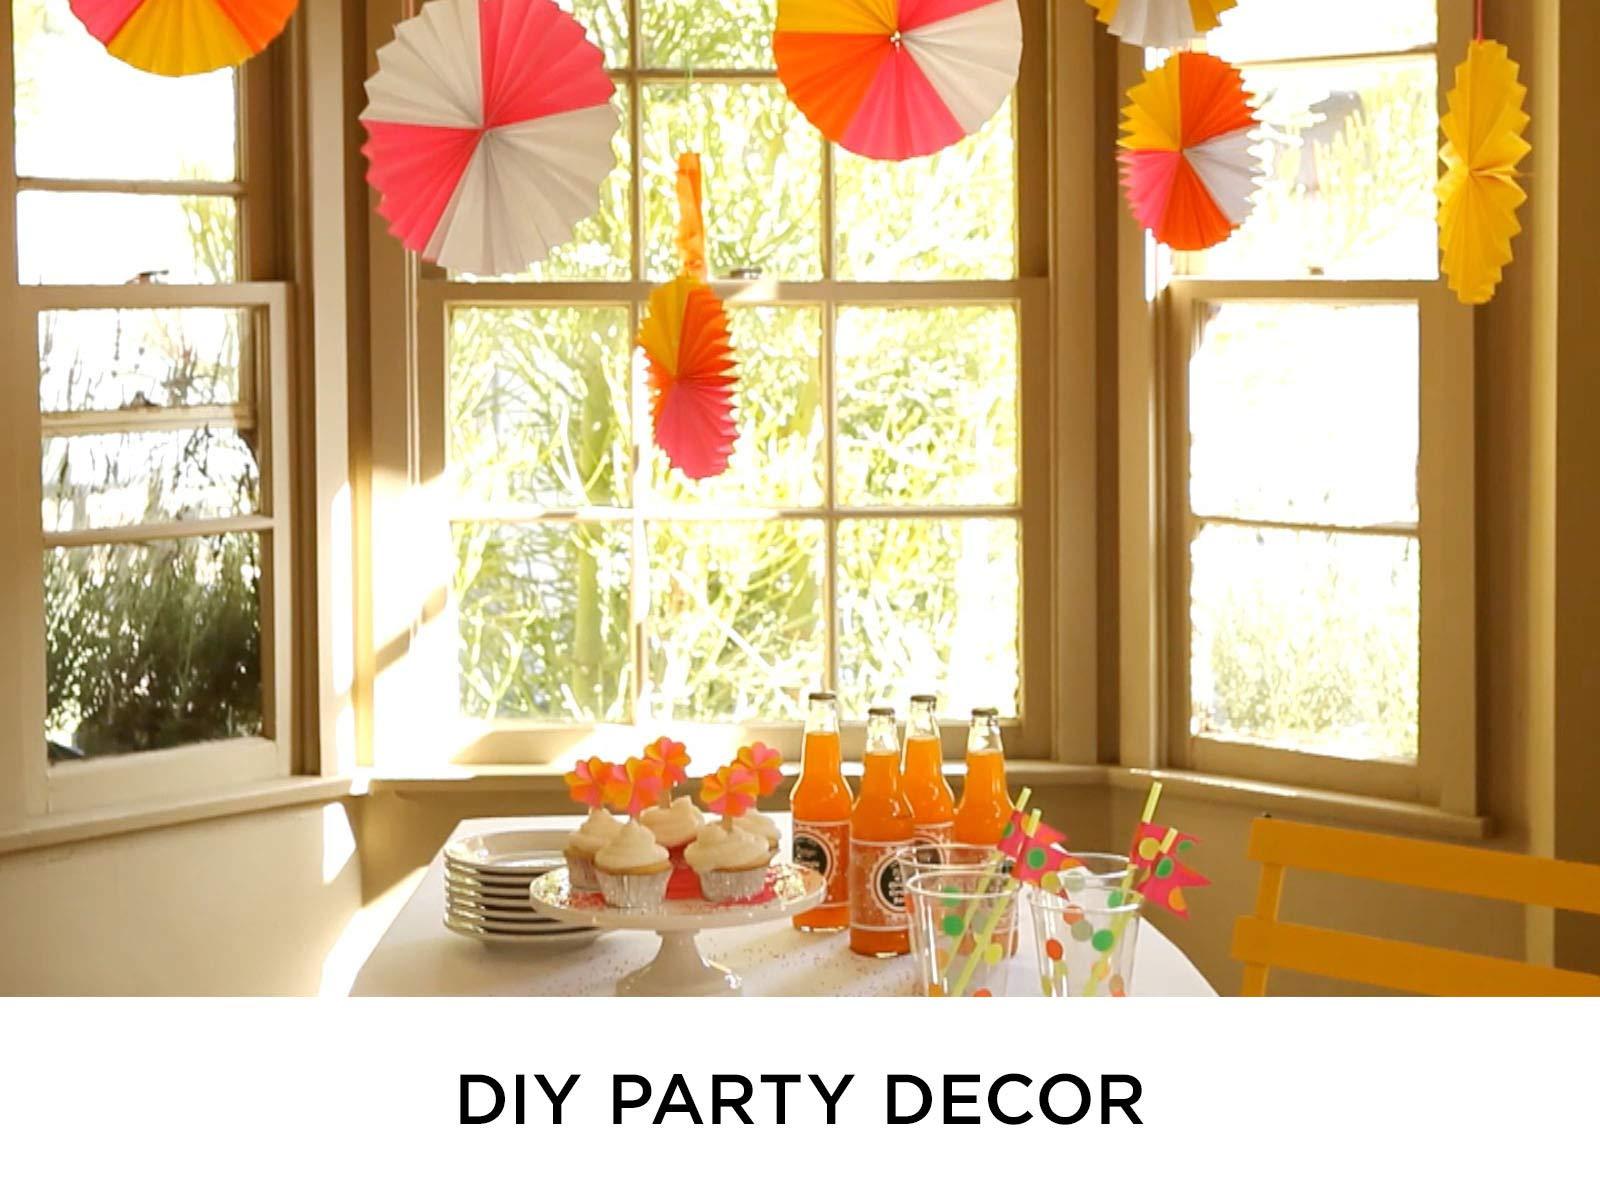 Clip: DIY Party Decor - Season 1